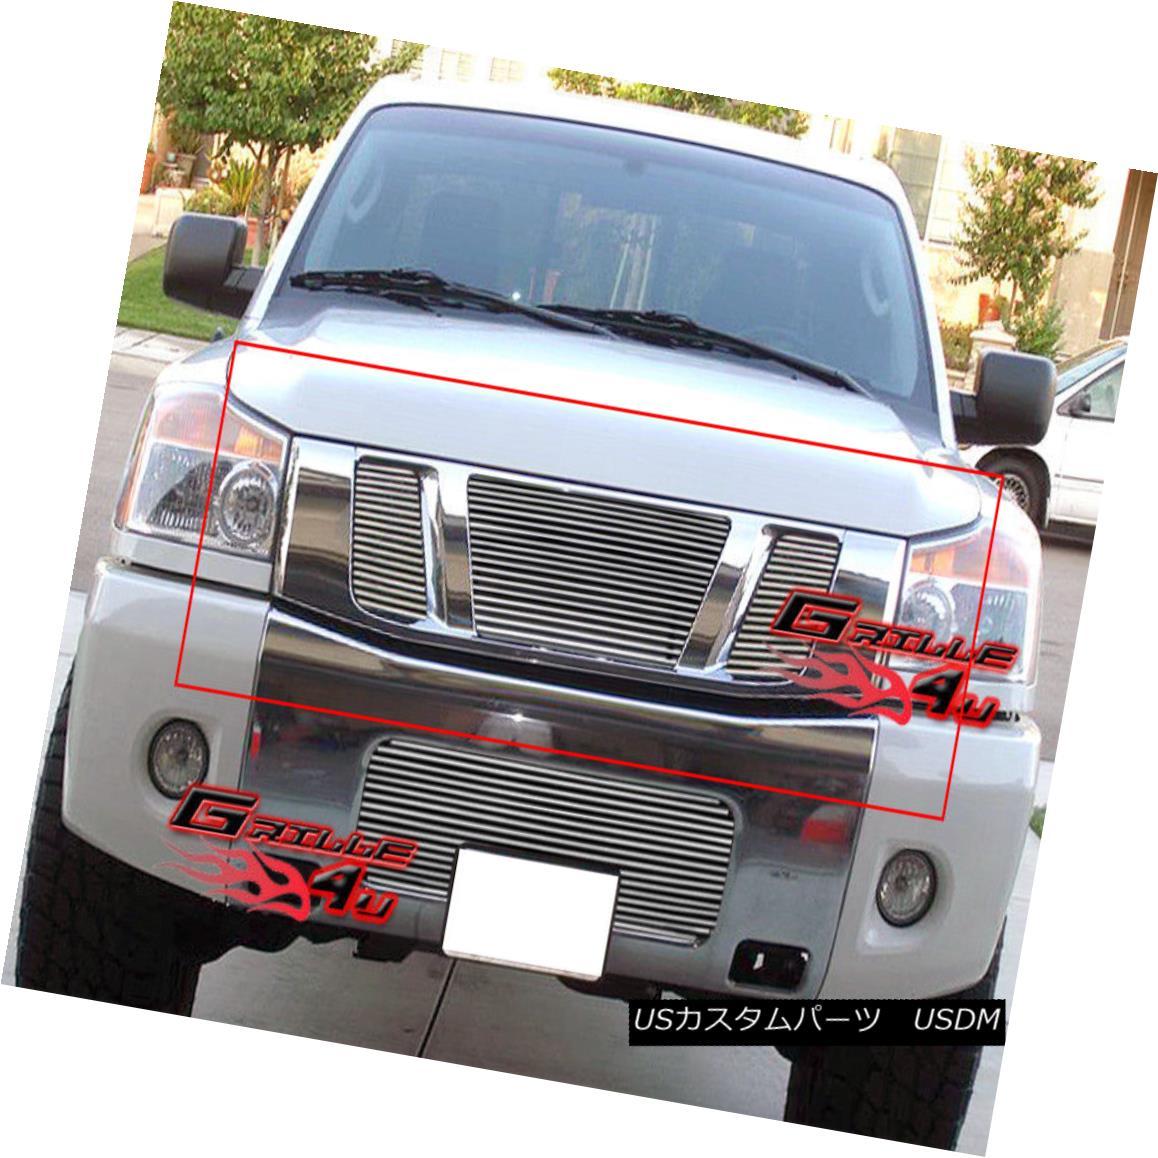 グリル Fits 2008-2015 Nissan Titan Main Upper Billet Grille Insert フィット2008-2015日産タイタンメインアッパービレットグリルインサート